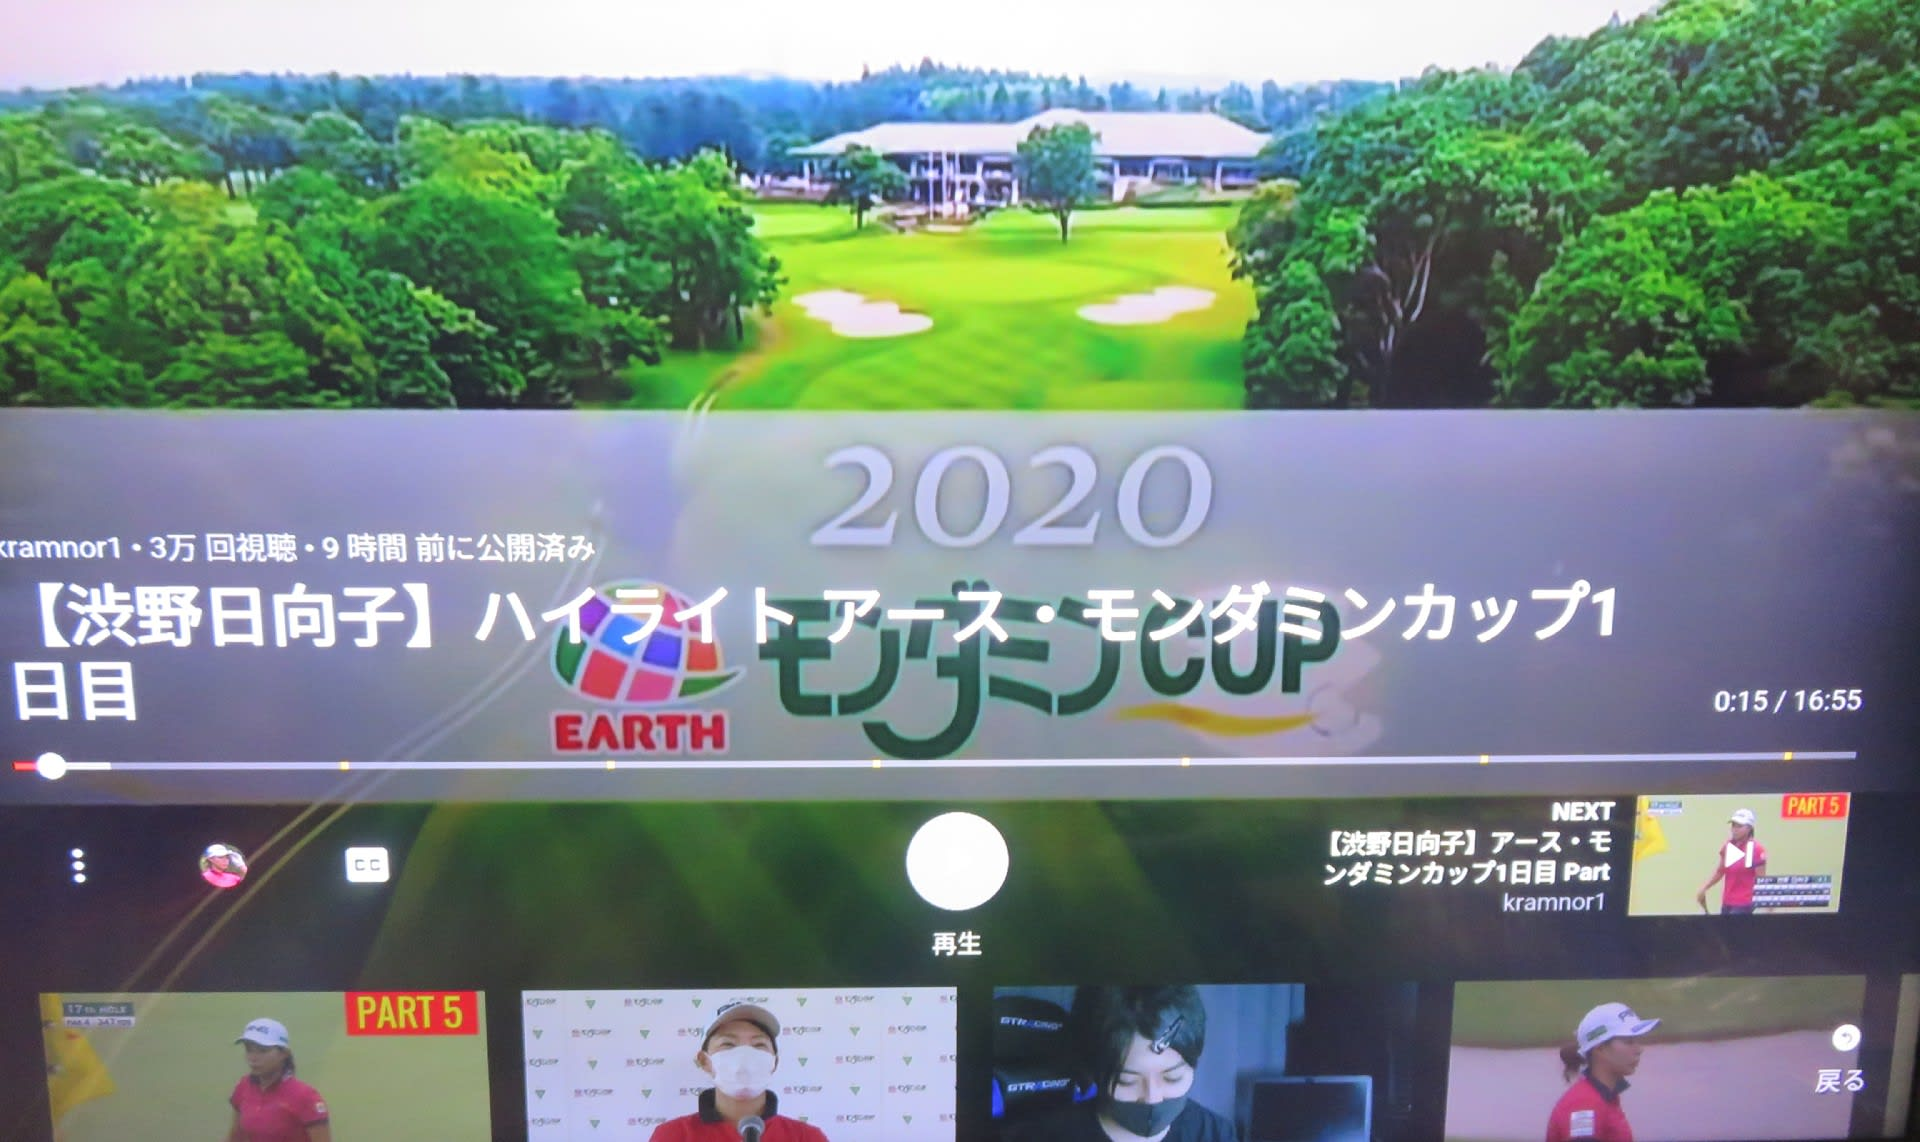 2020 放送 テレビ モンダミン アース カップ